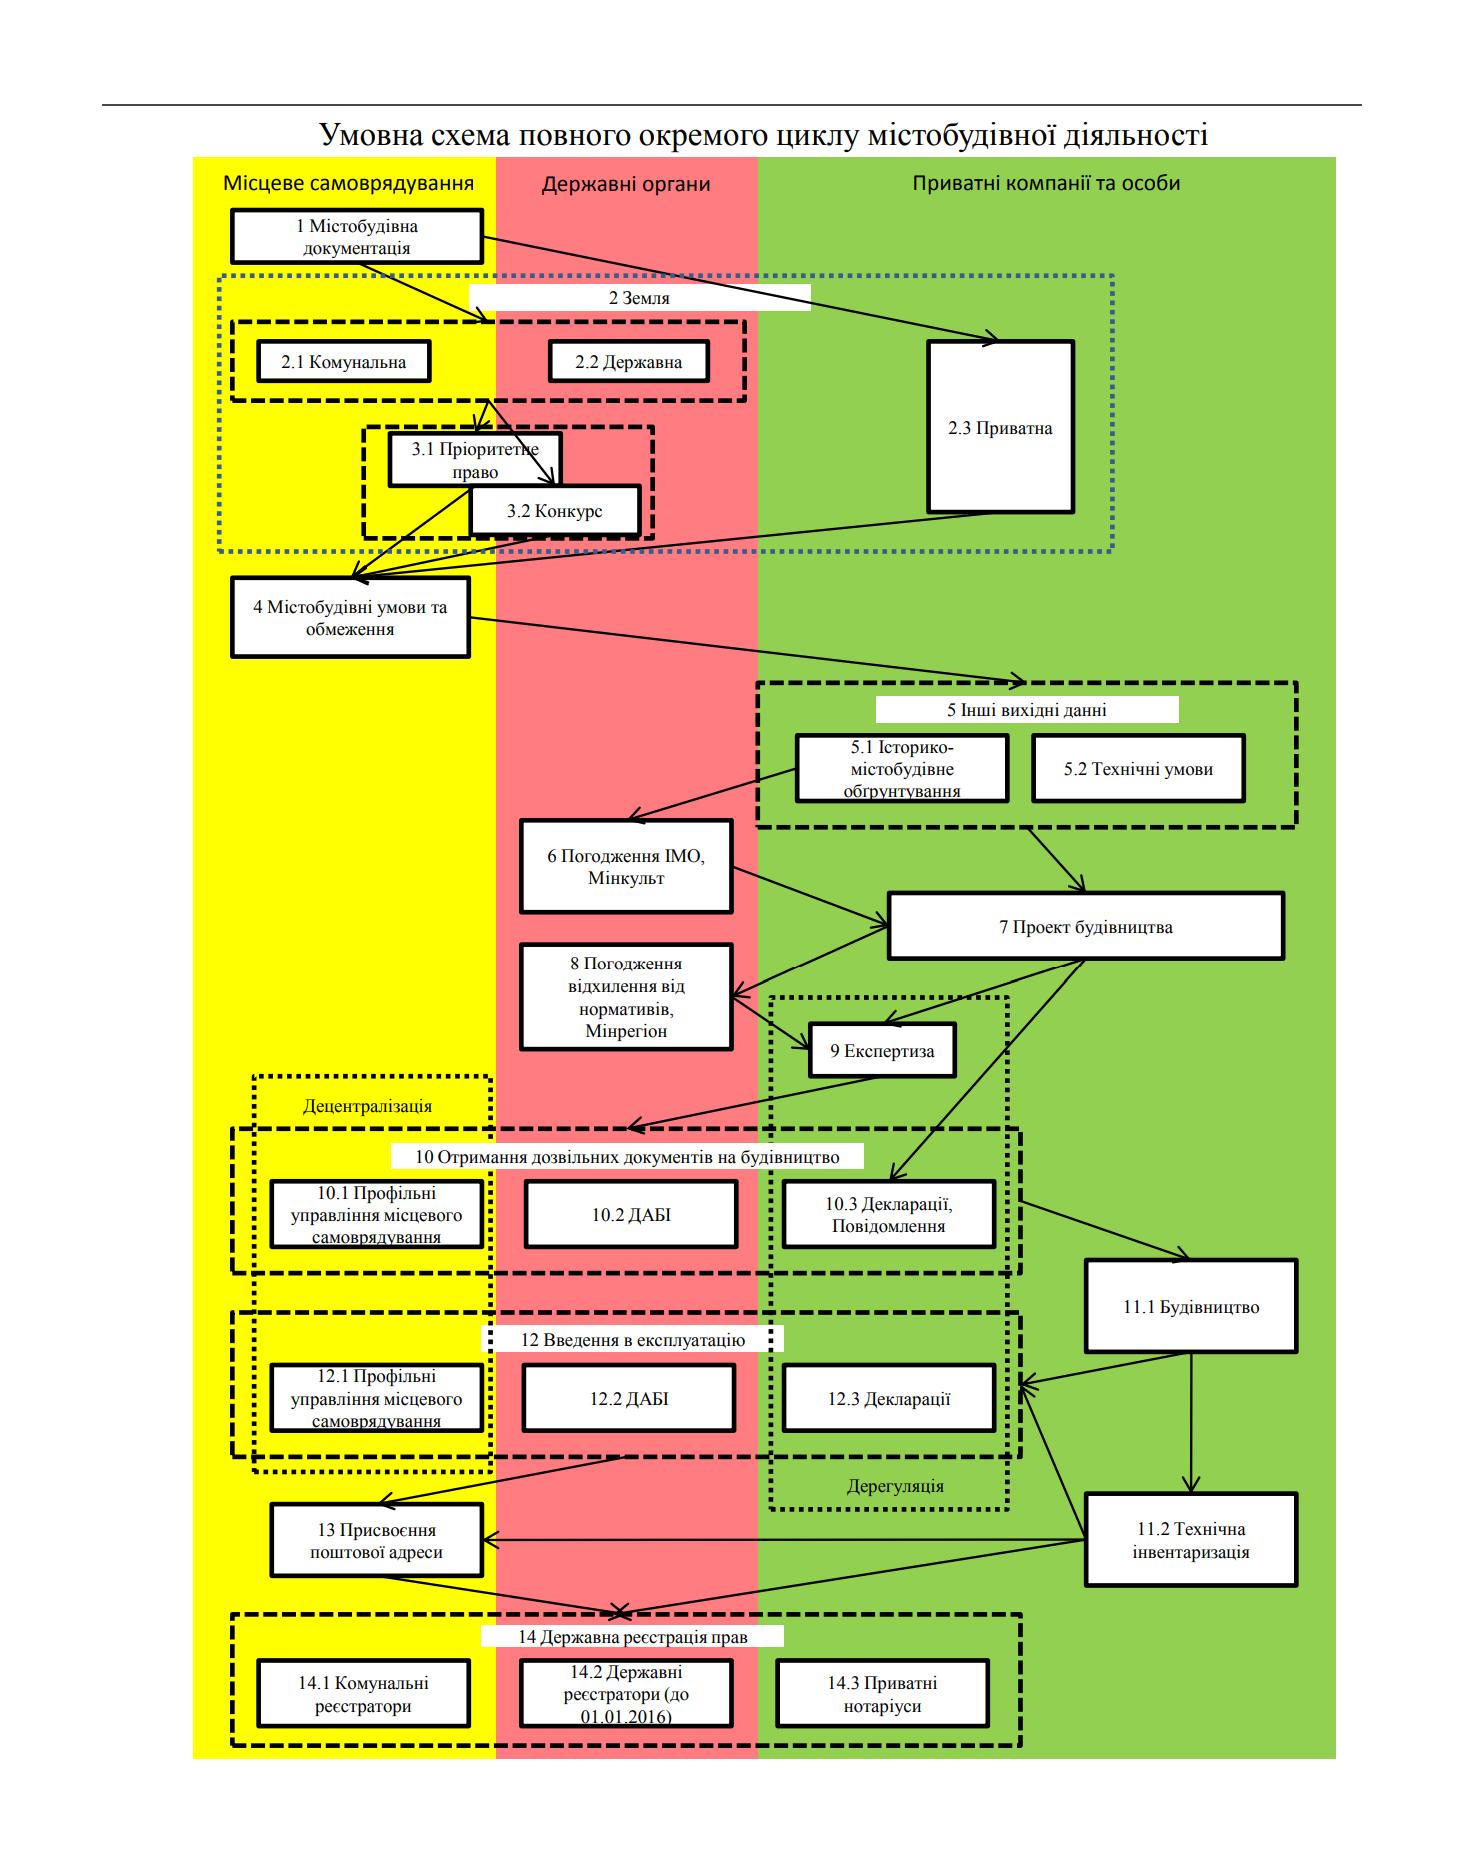 Розслідування порушень у сфері будівництва: типові схеми, підказки та джерела для журналістів